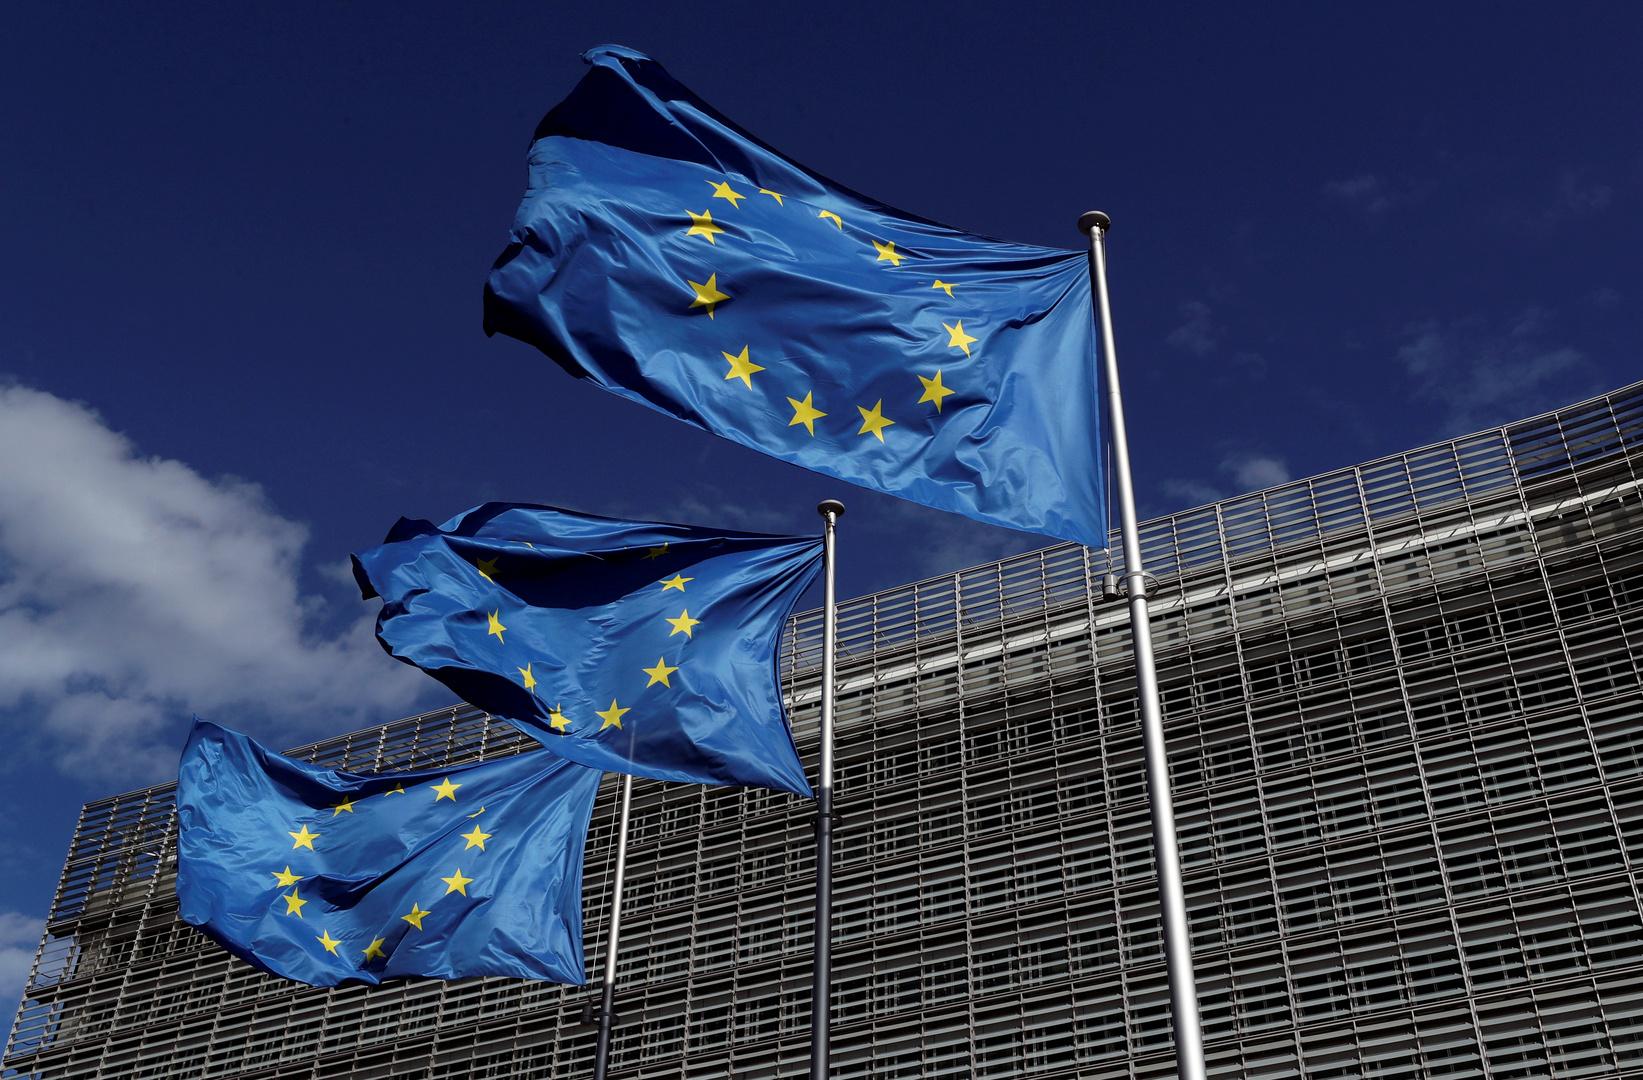 قادة الاتحاد الأوروبي: أمير الكويت الراحل أمن لبلاده مكان الشريك الدولي